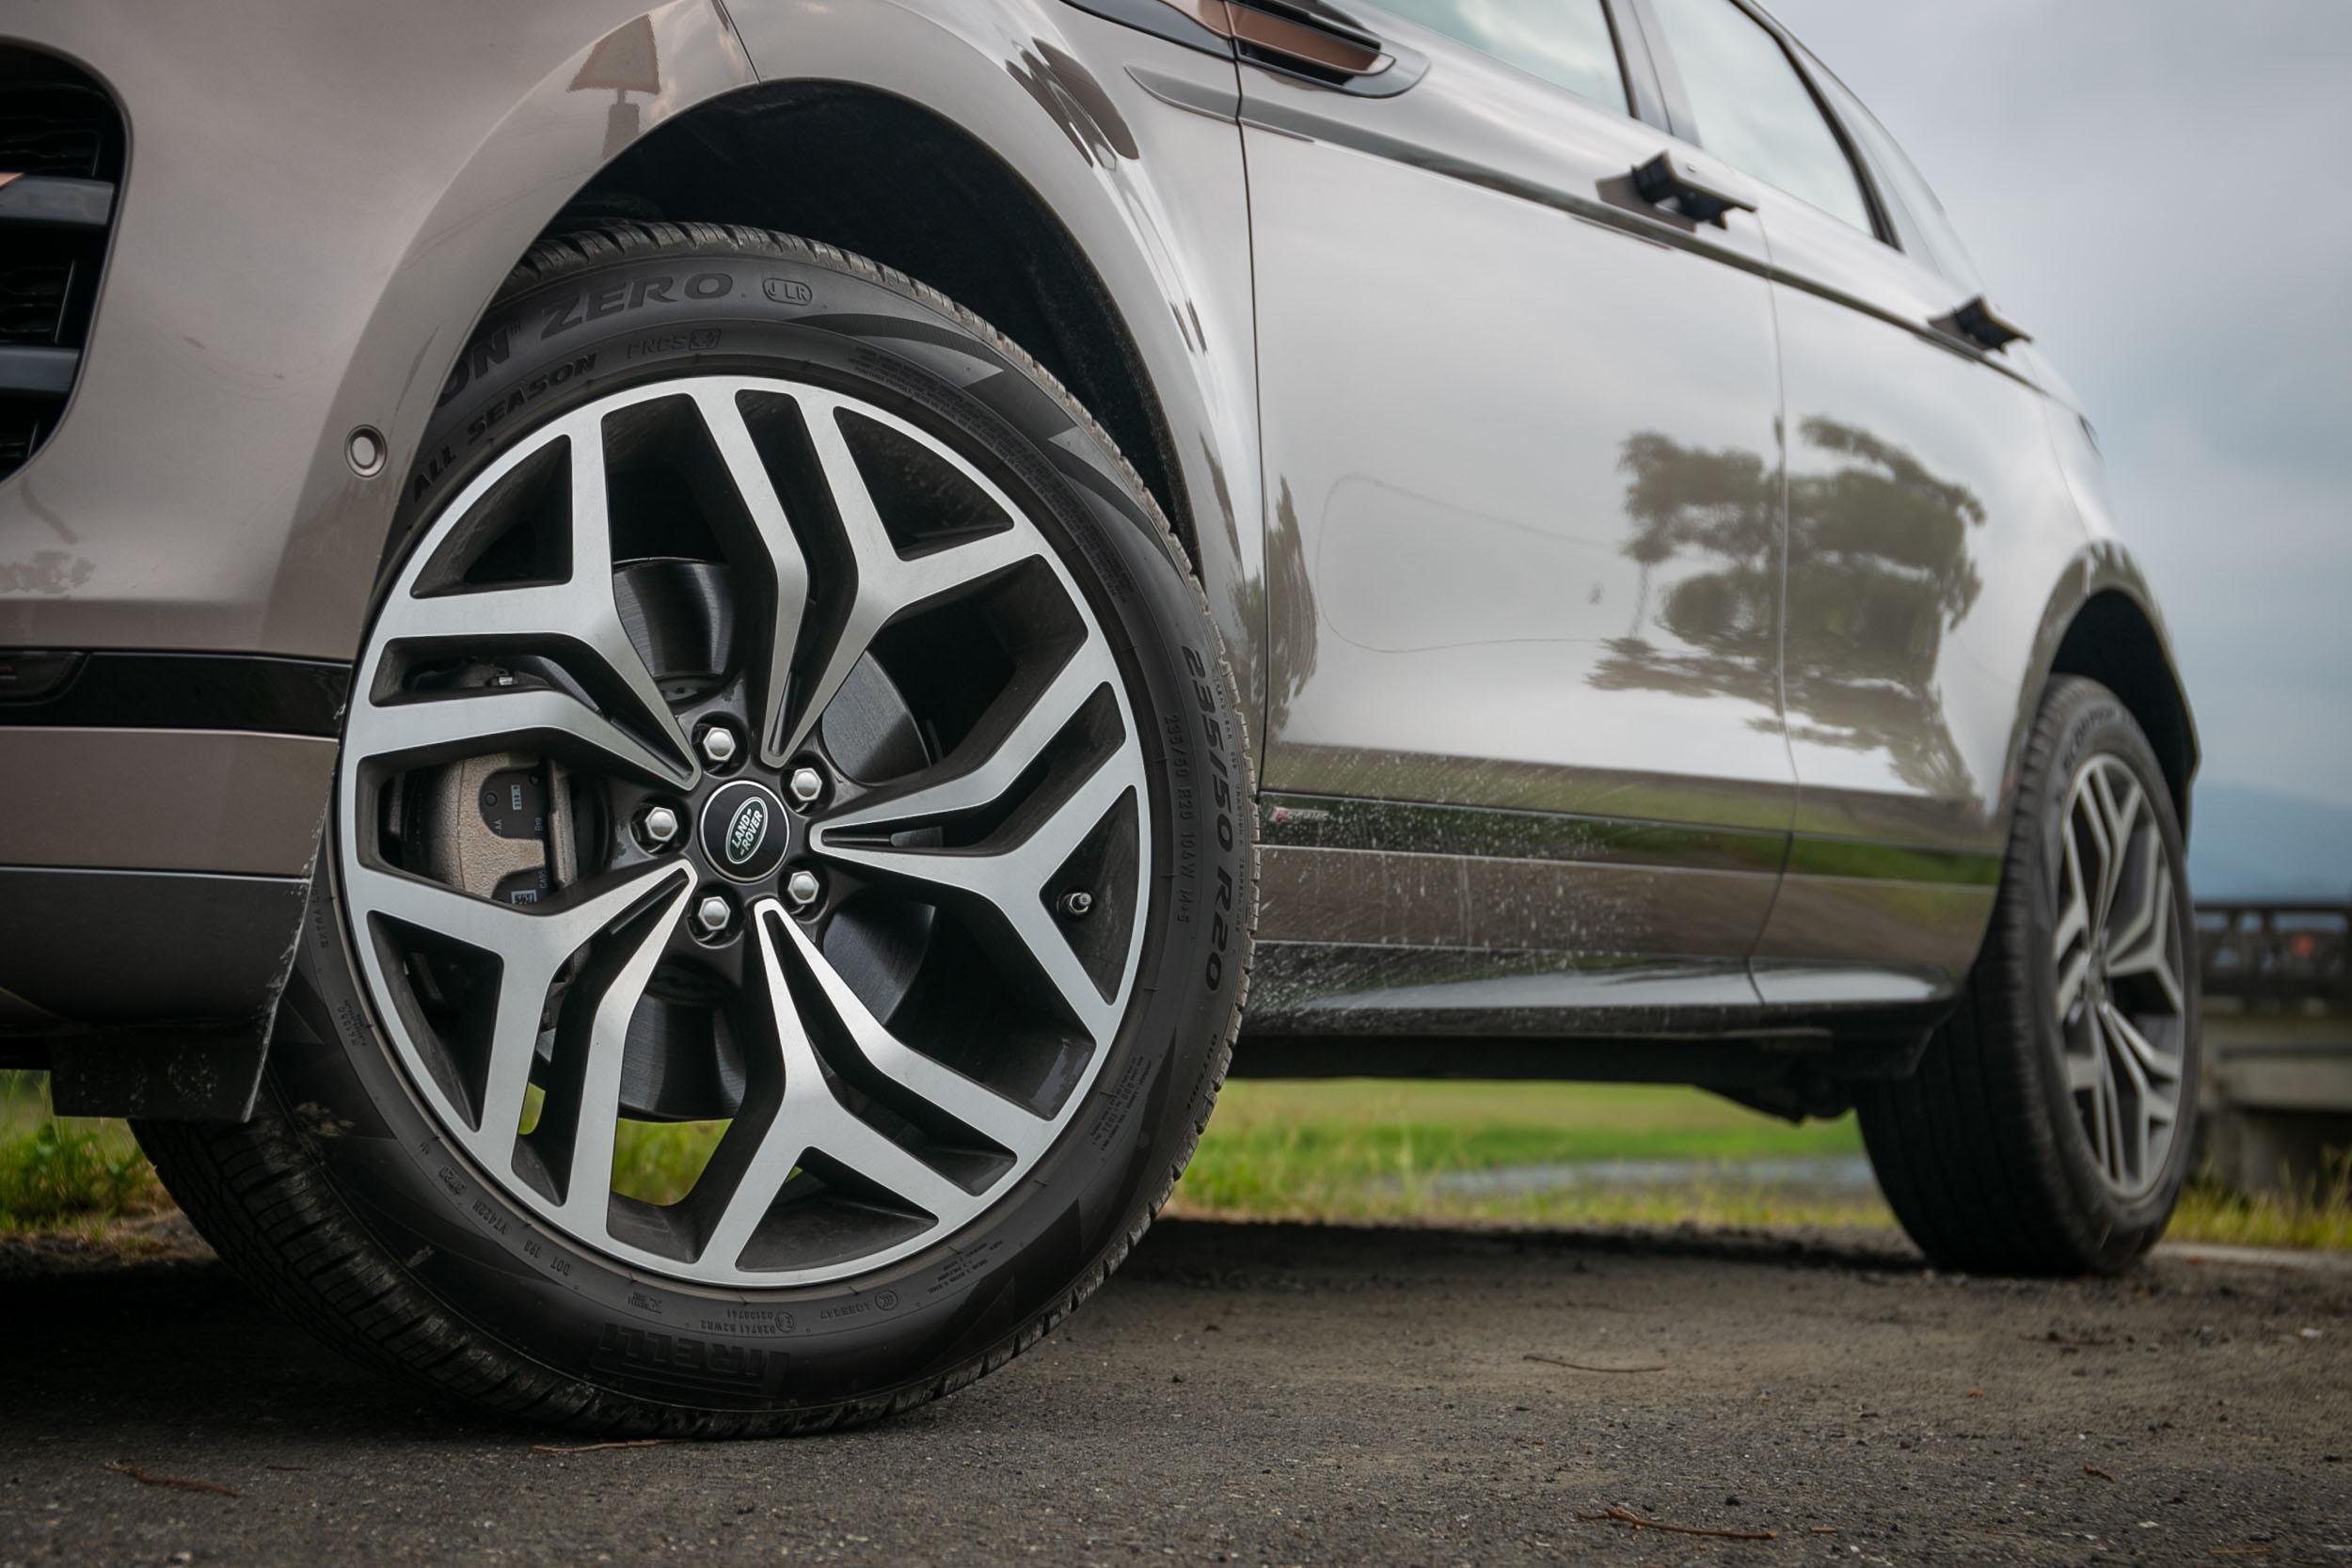 試駕車款選配 5 幅亮澤深灰鑽石塗裝輪圈,選配價為 15,000 元。